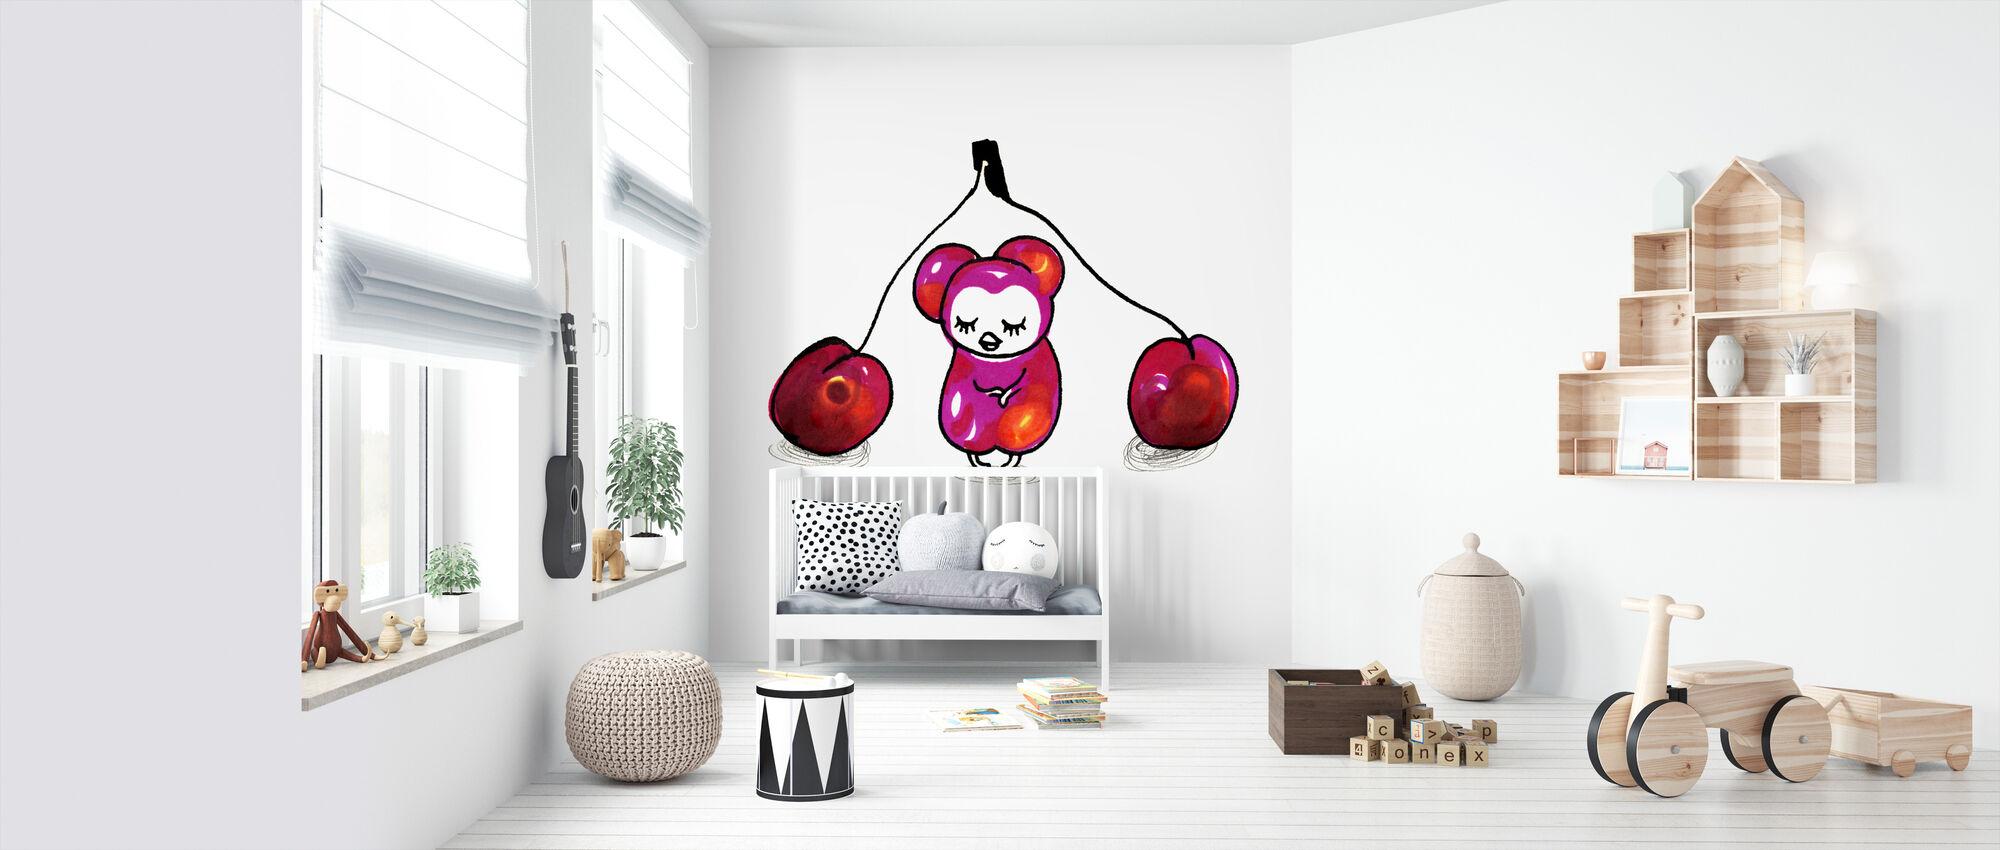 Cherries - Wallpaper - Nursery